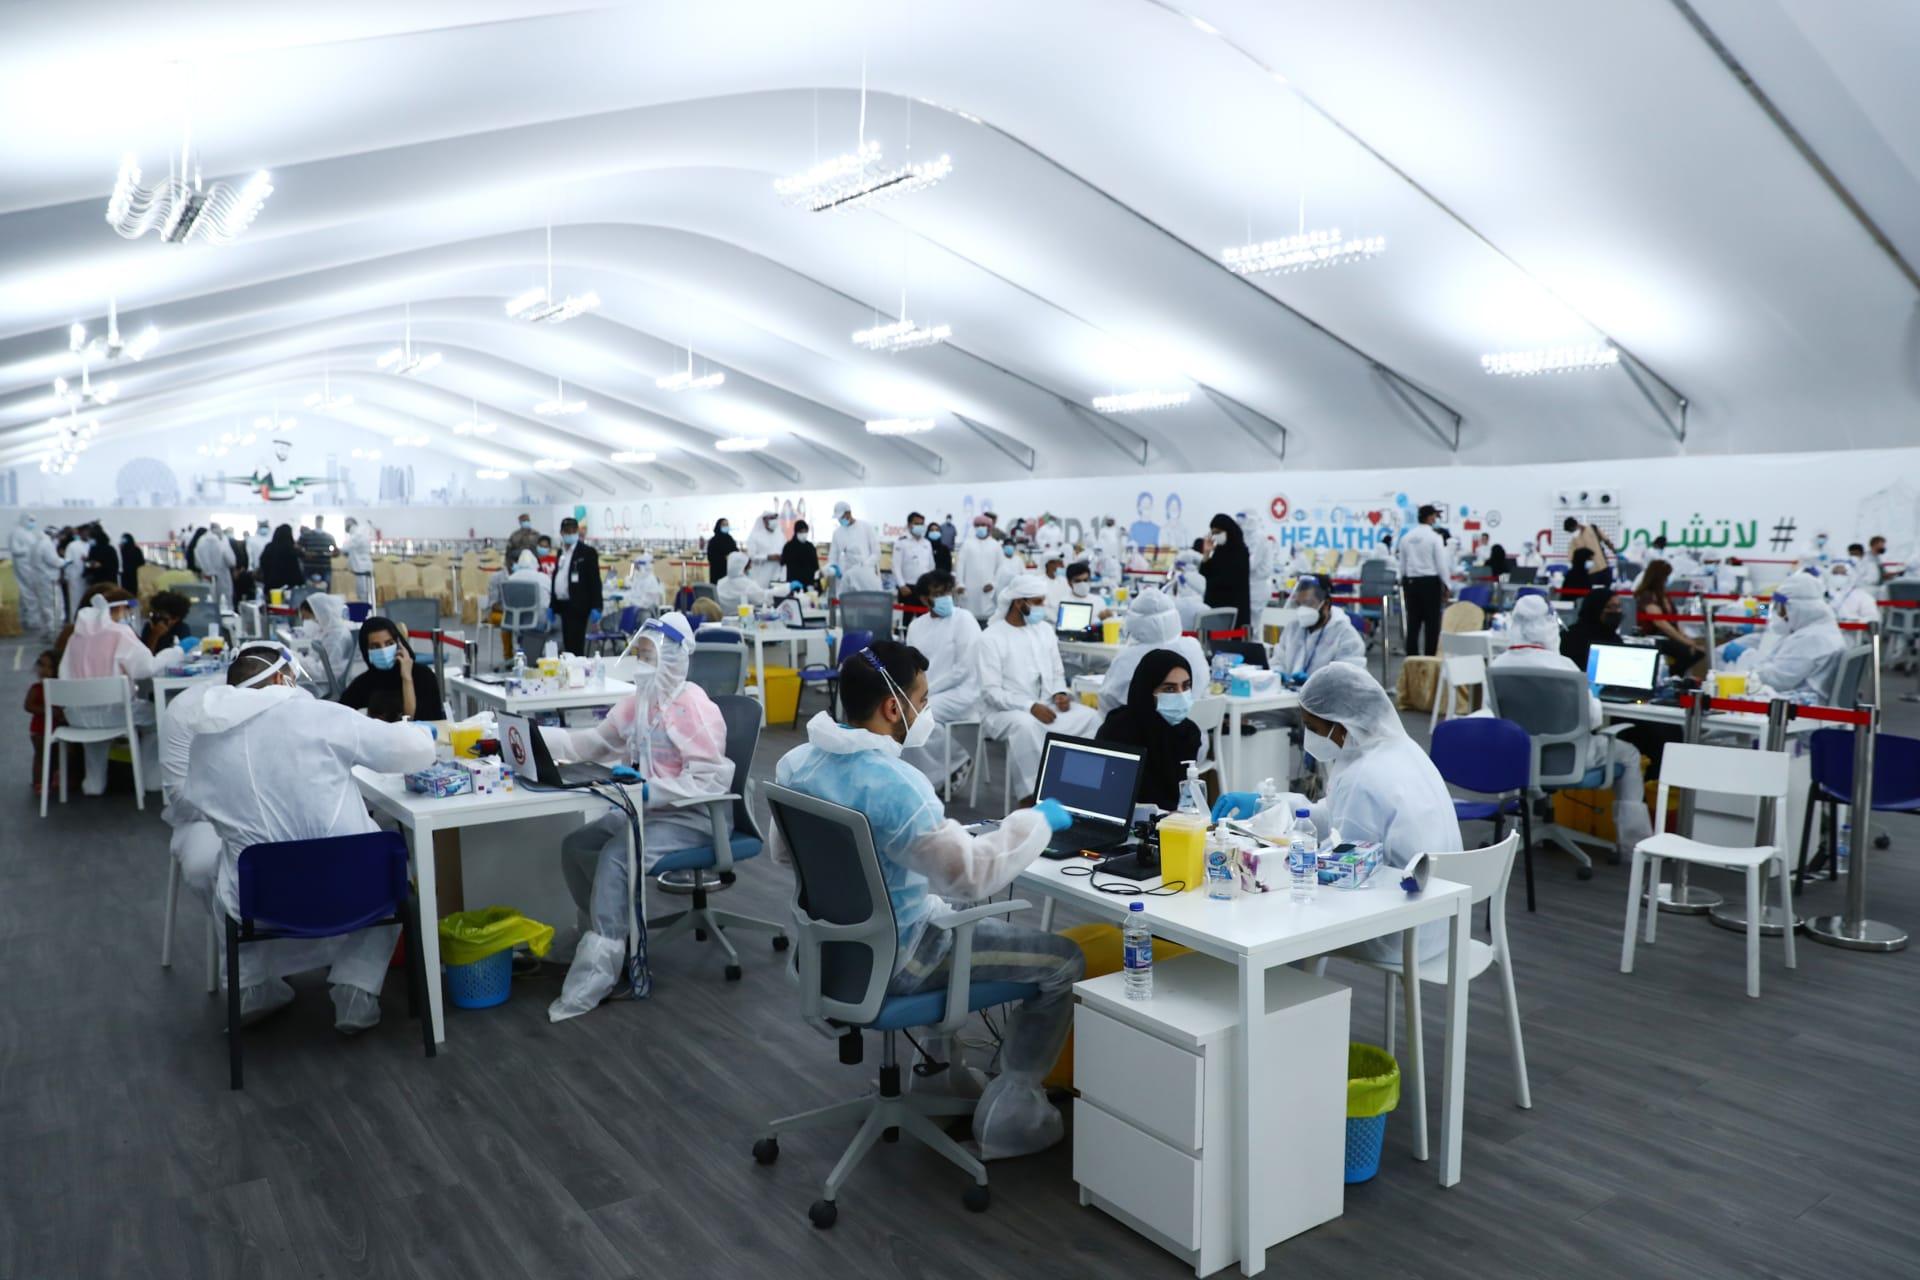 هذه هي أهمية الصحة الرقمية في الشرق الأوسط بظل جائحة فيروس كورونا